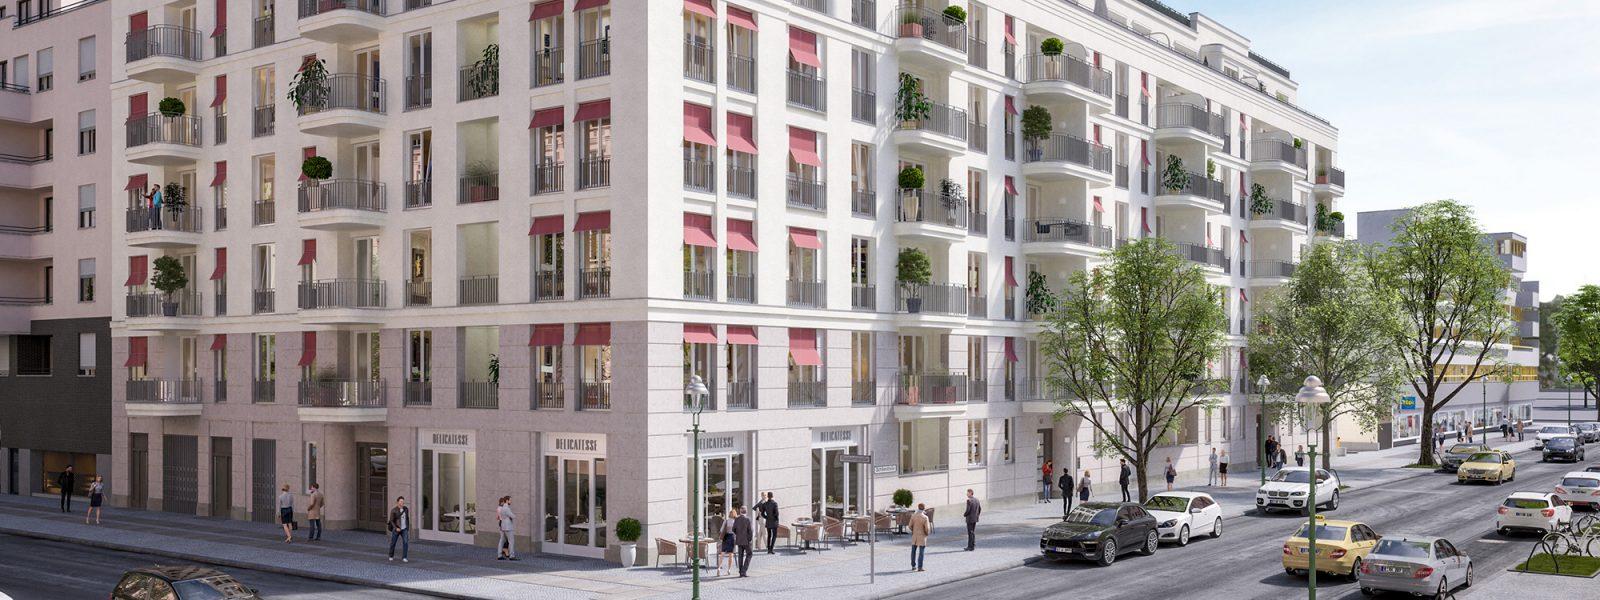 Комфортабельная двухкомнатная квартира в новостройке в Берлине-Шарлоттенбург